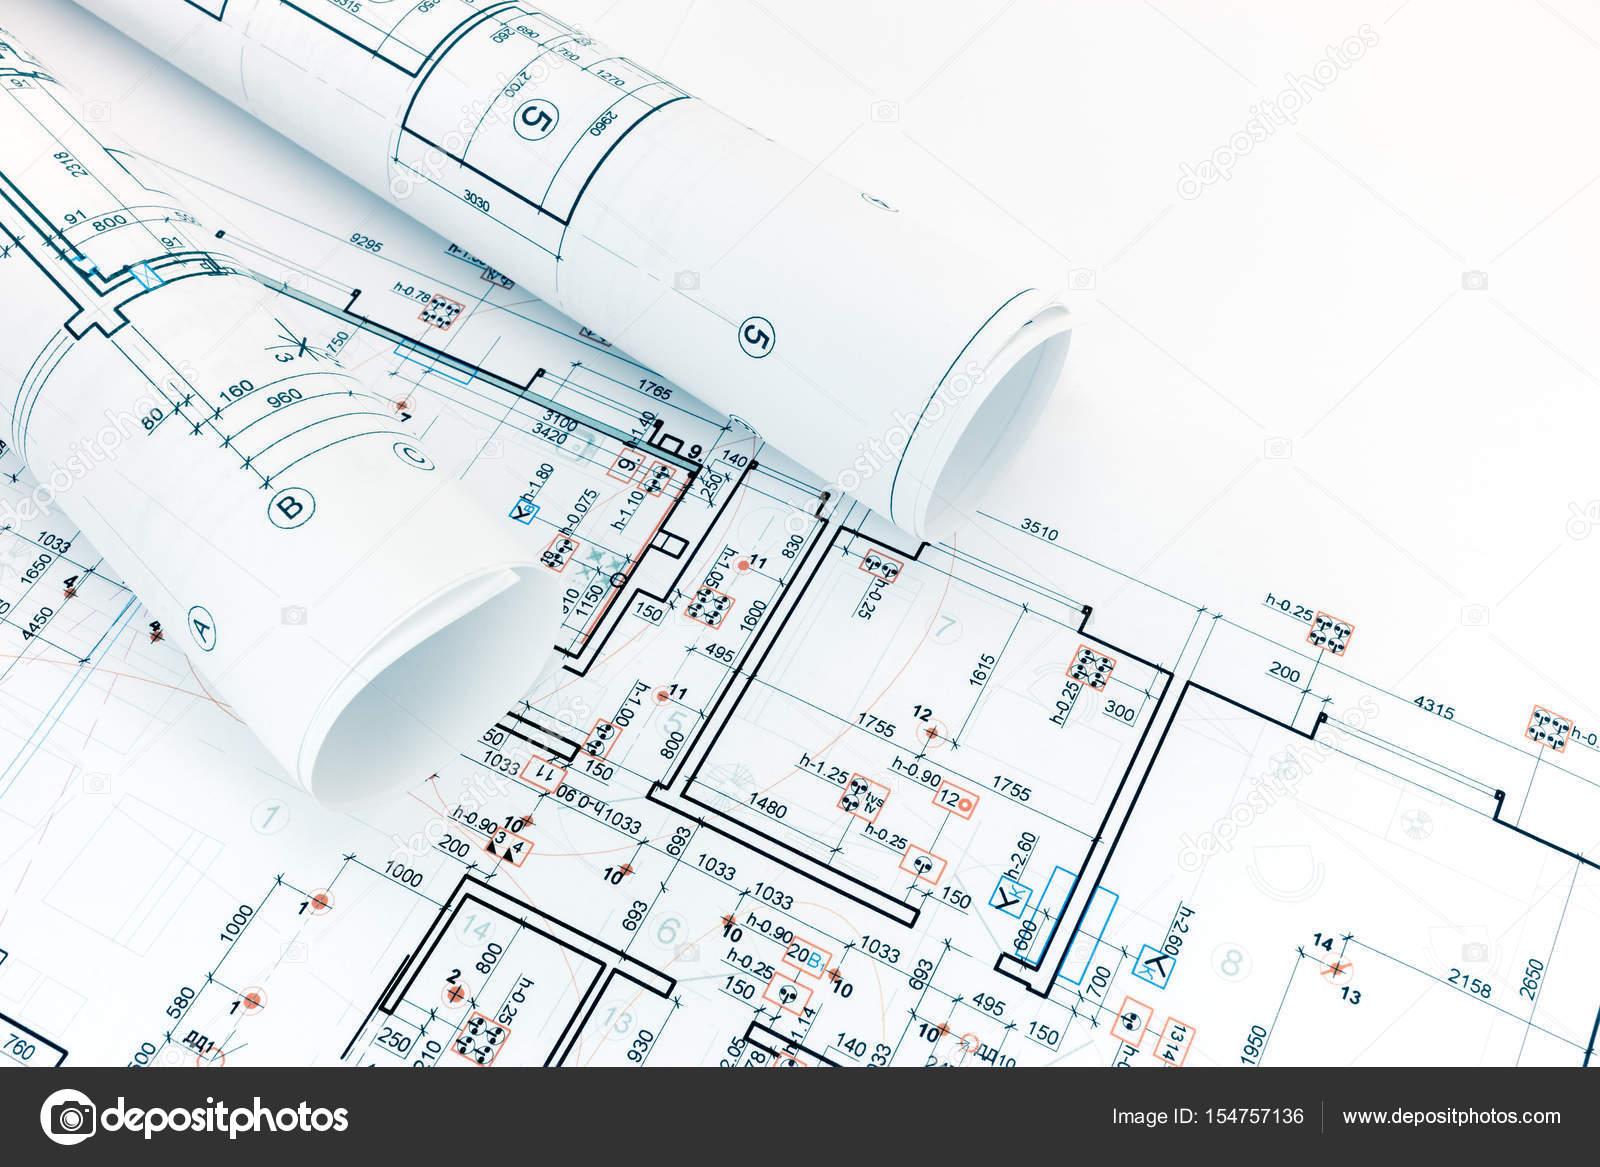 Engineering Und Technische Zeichnungen, Grundrisse, Rollen Von Architektur  Entwürfe U2014 Foto Von MrTwister